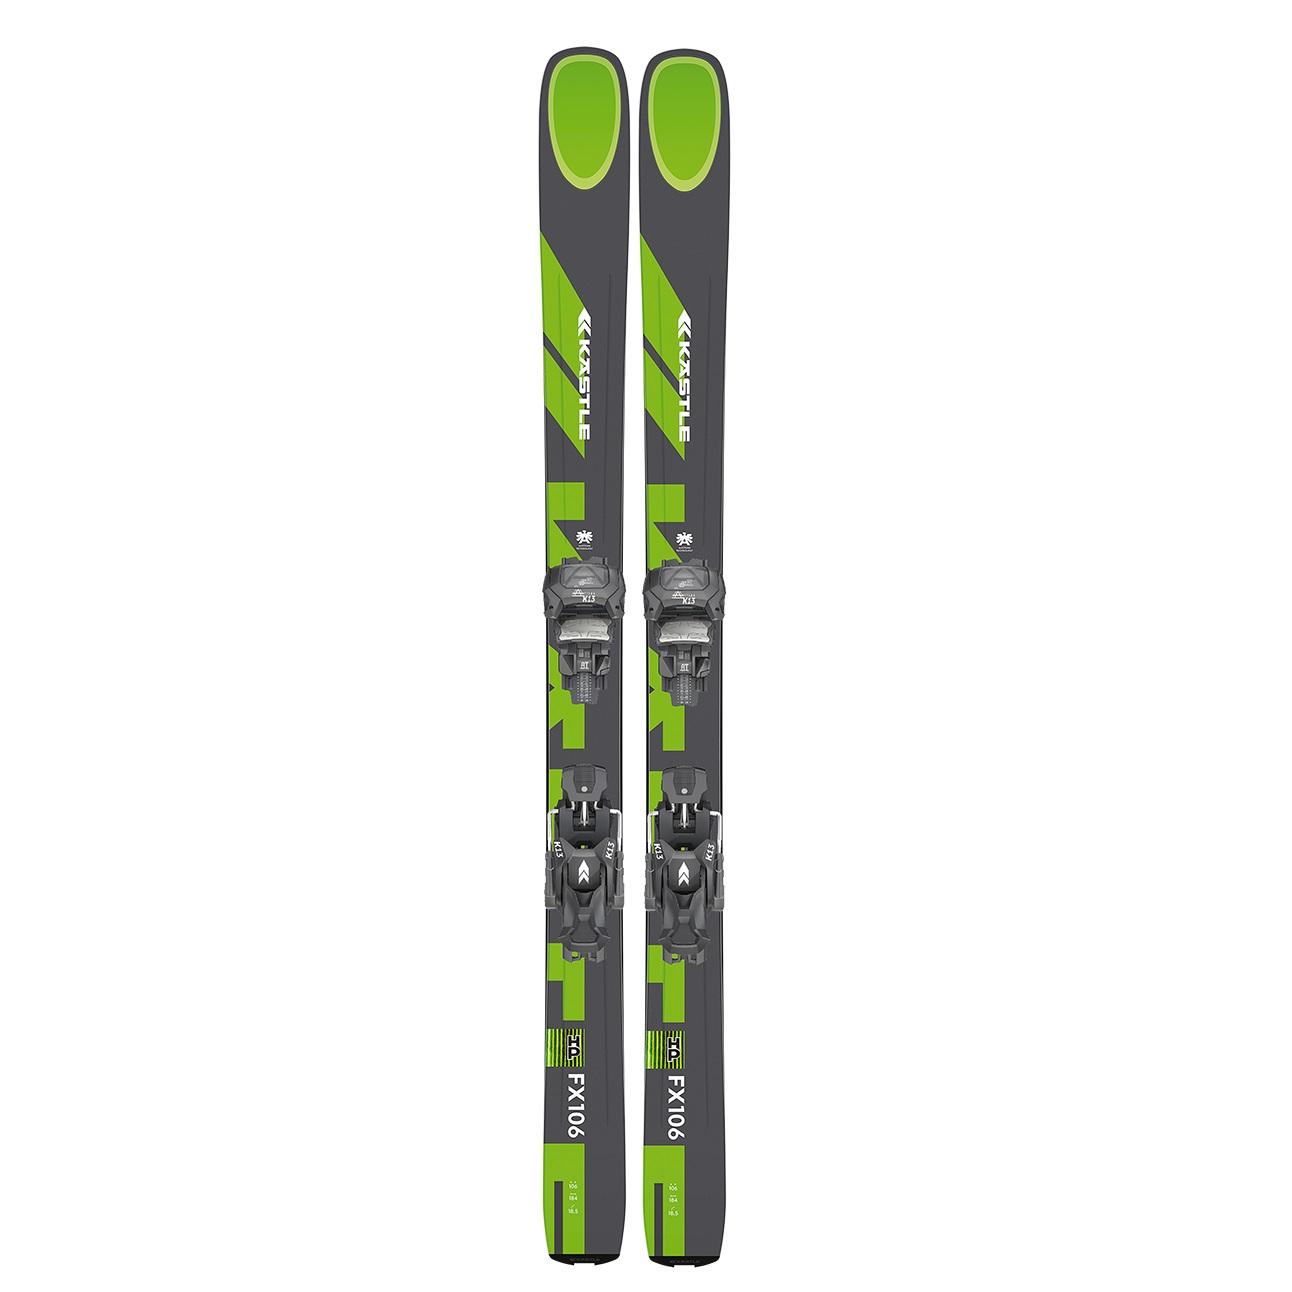 Ski -  kastle FX106 HP + K13 Attack Demo AT